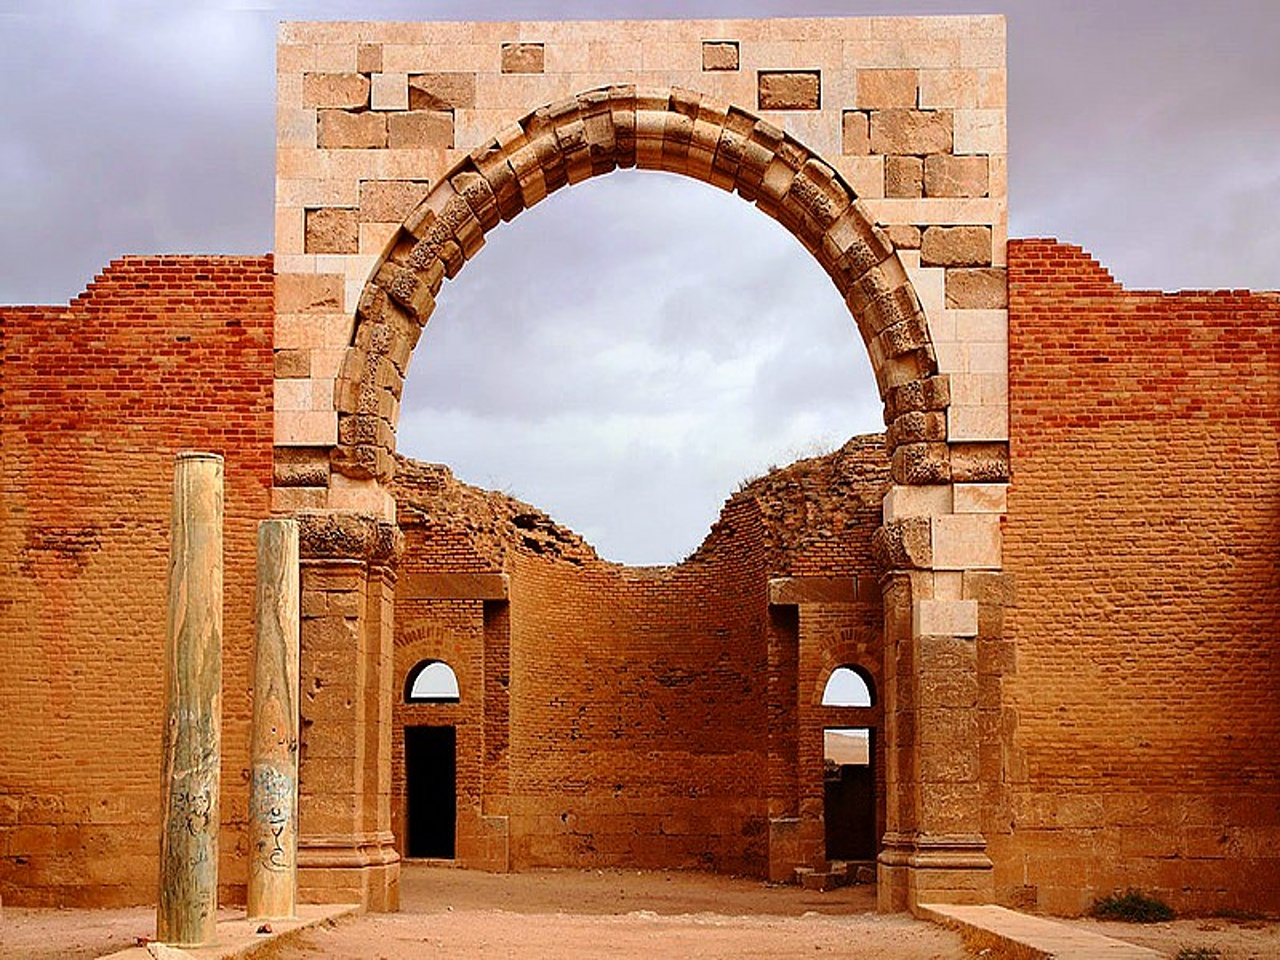 zamki pustini - zamok AL - mushatta - Kolonnyy koridor i zal dlya zriteley